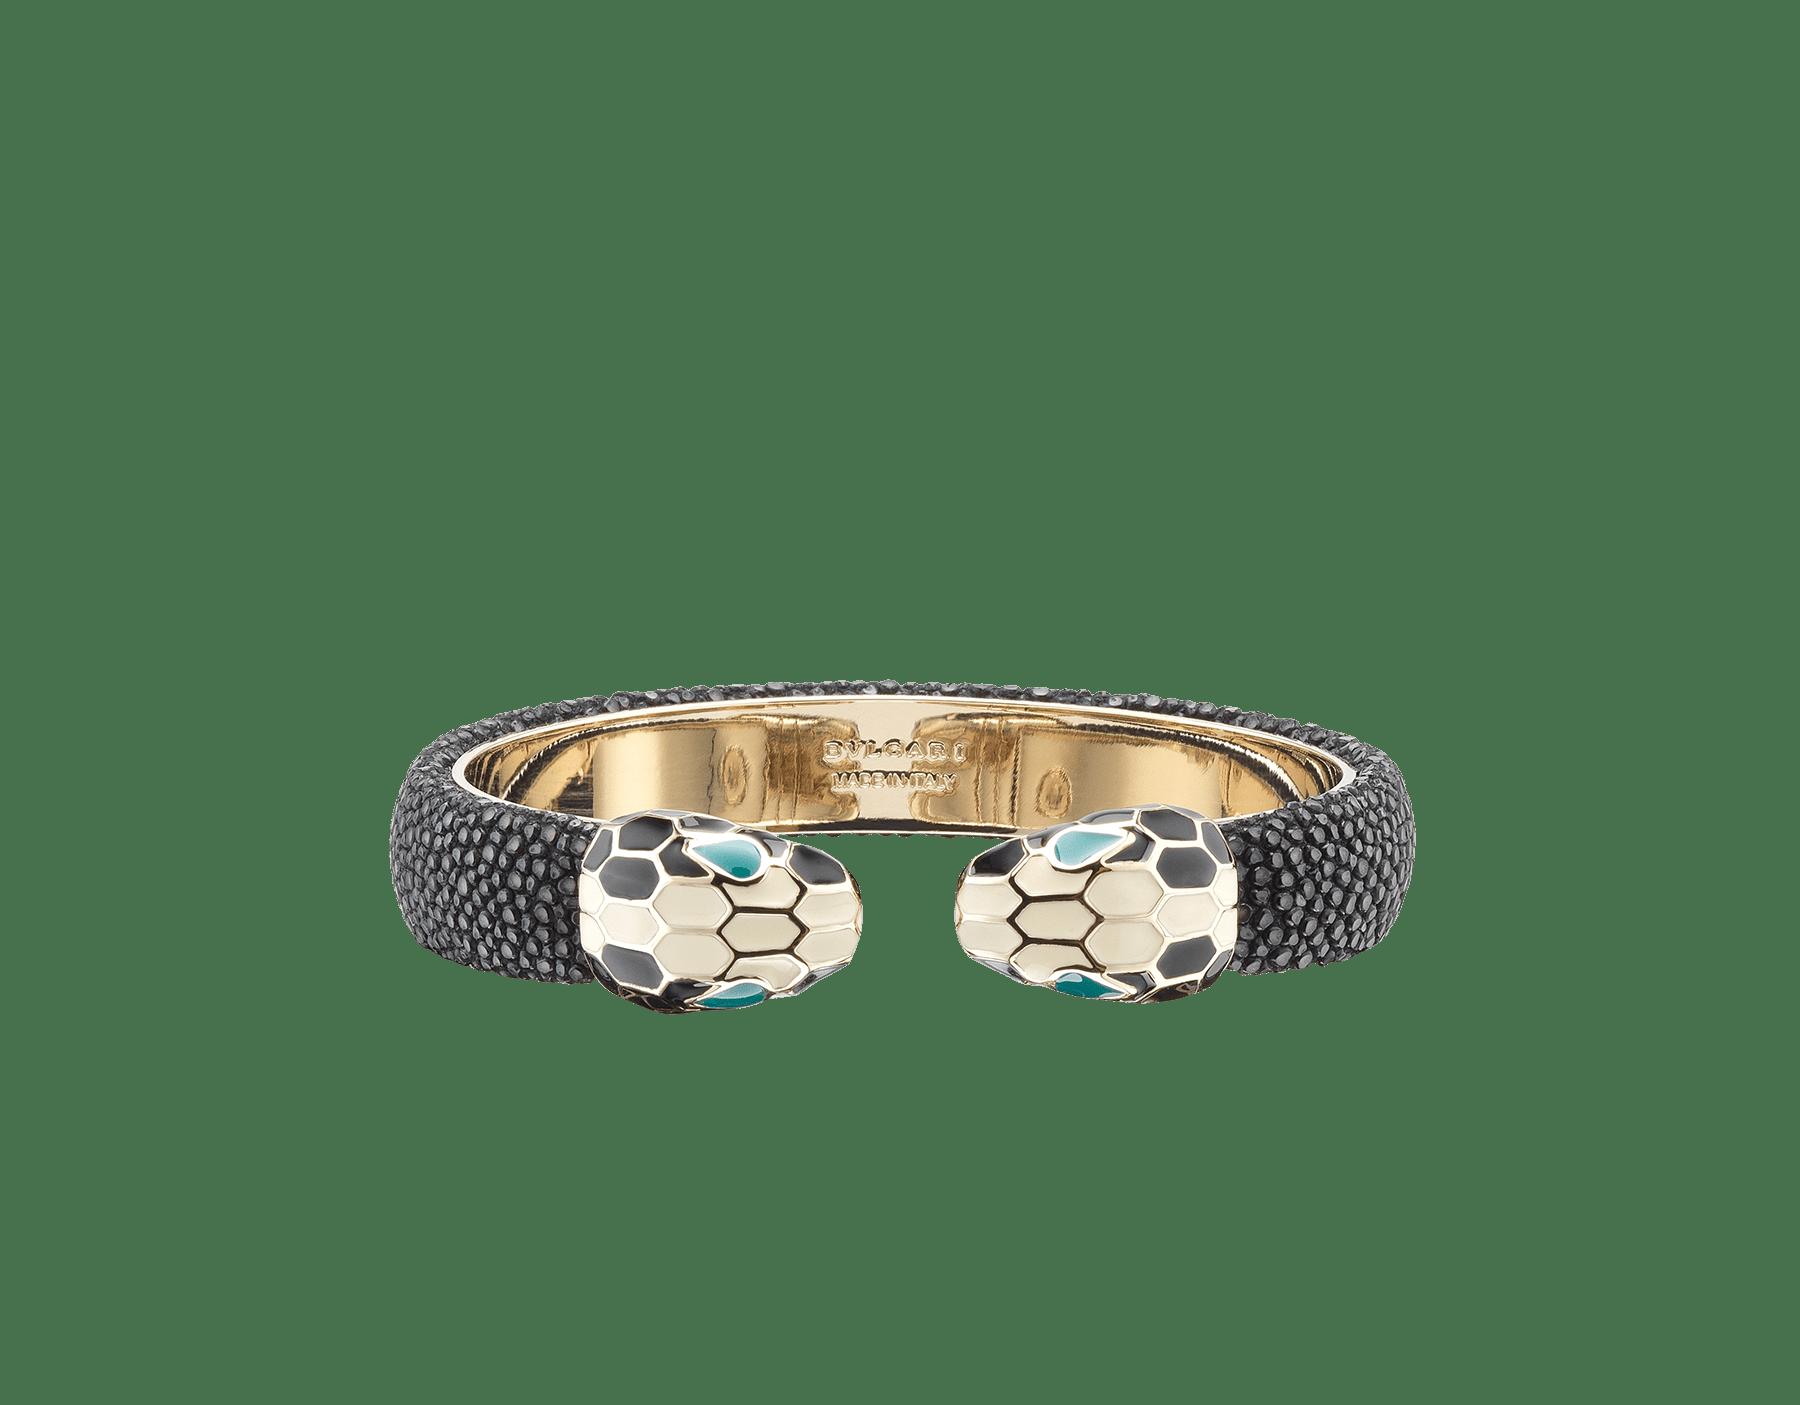 Bracelet en galuchat noir avec fermoir Serpenti renversé emblématique en laiton doré et émail noir et blanc avec yeux en émail malachite. 283176 image 1